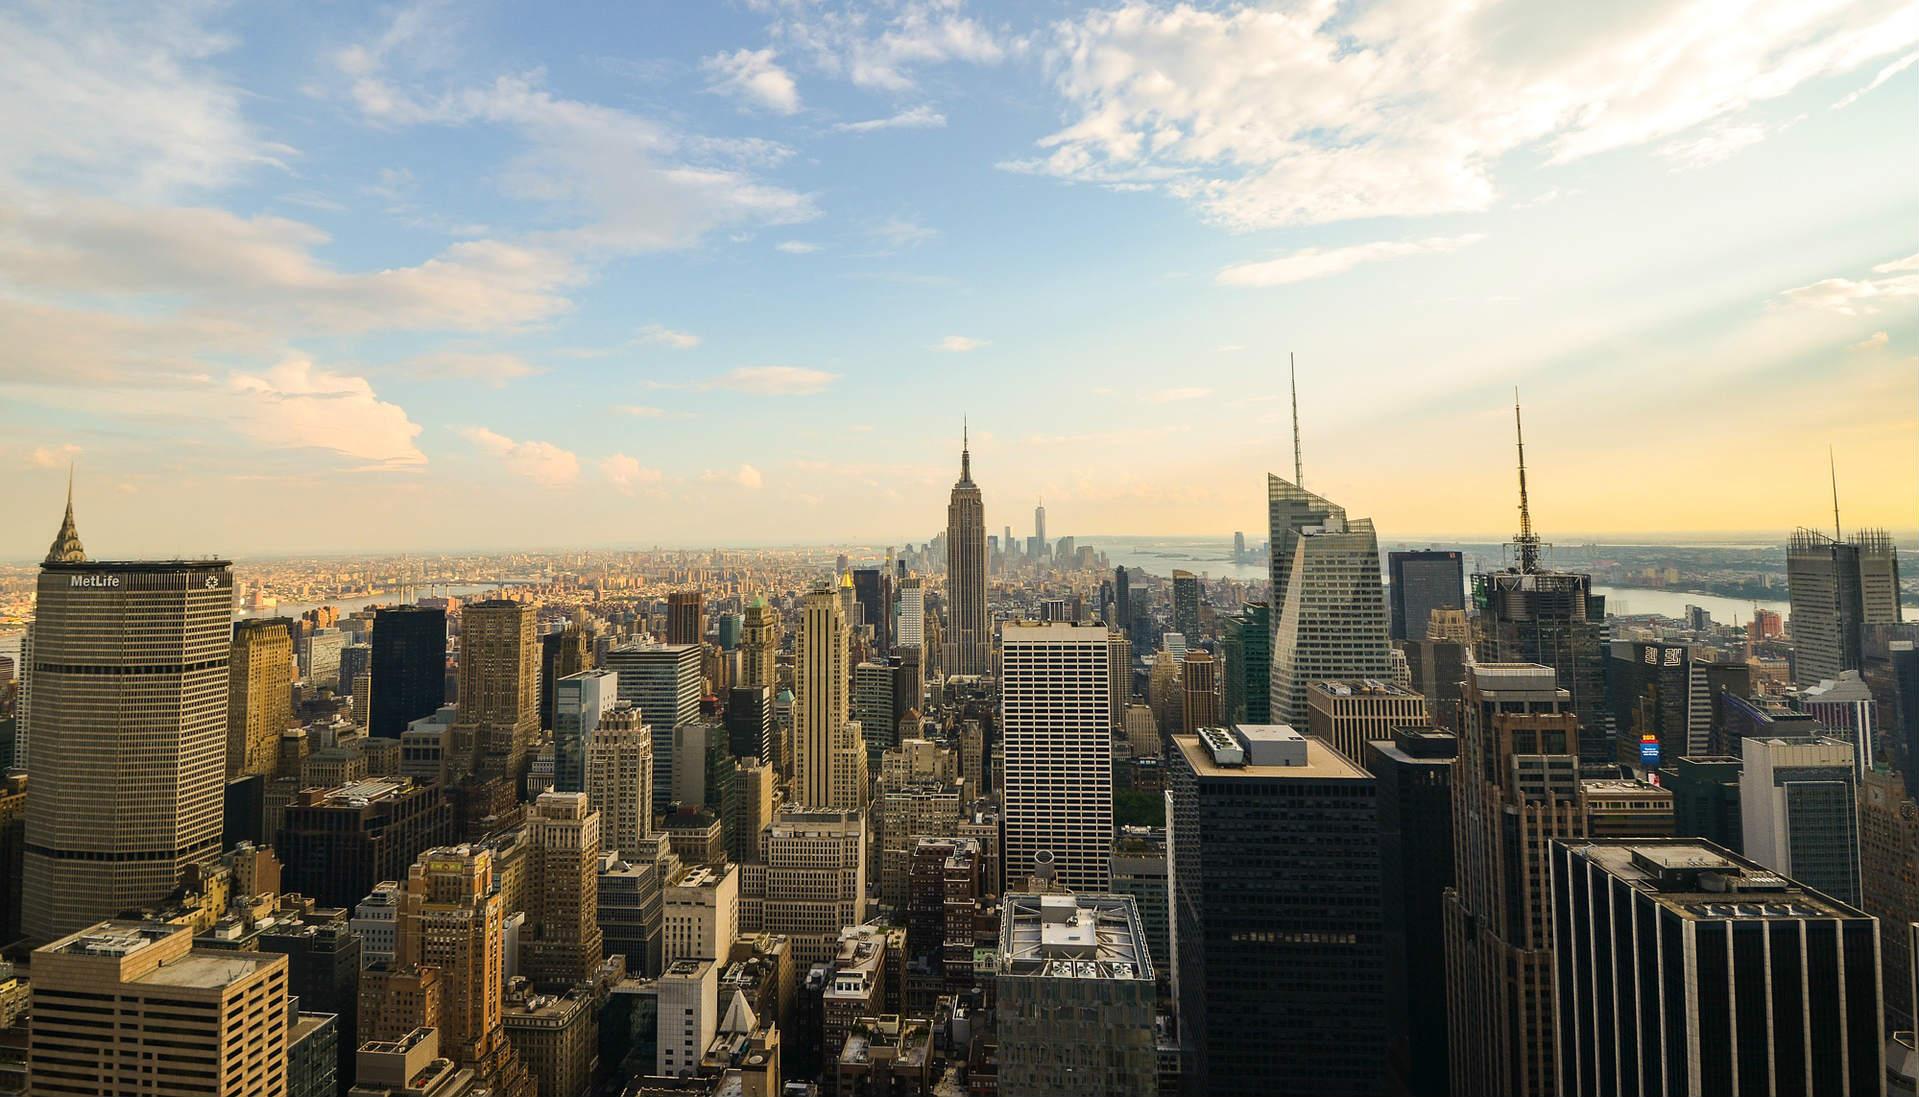 New-York-Teleport-App-Travel